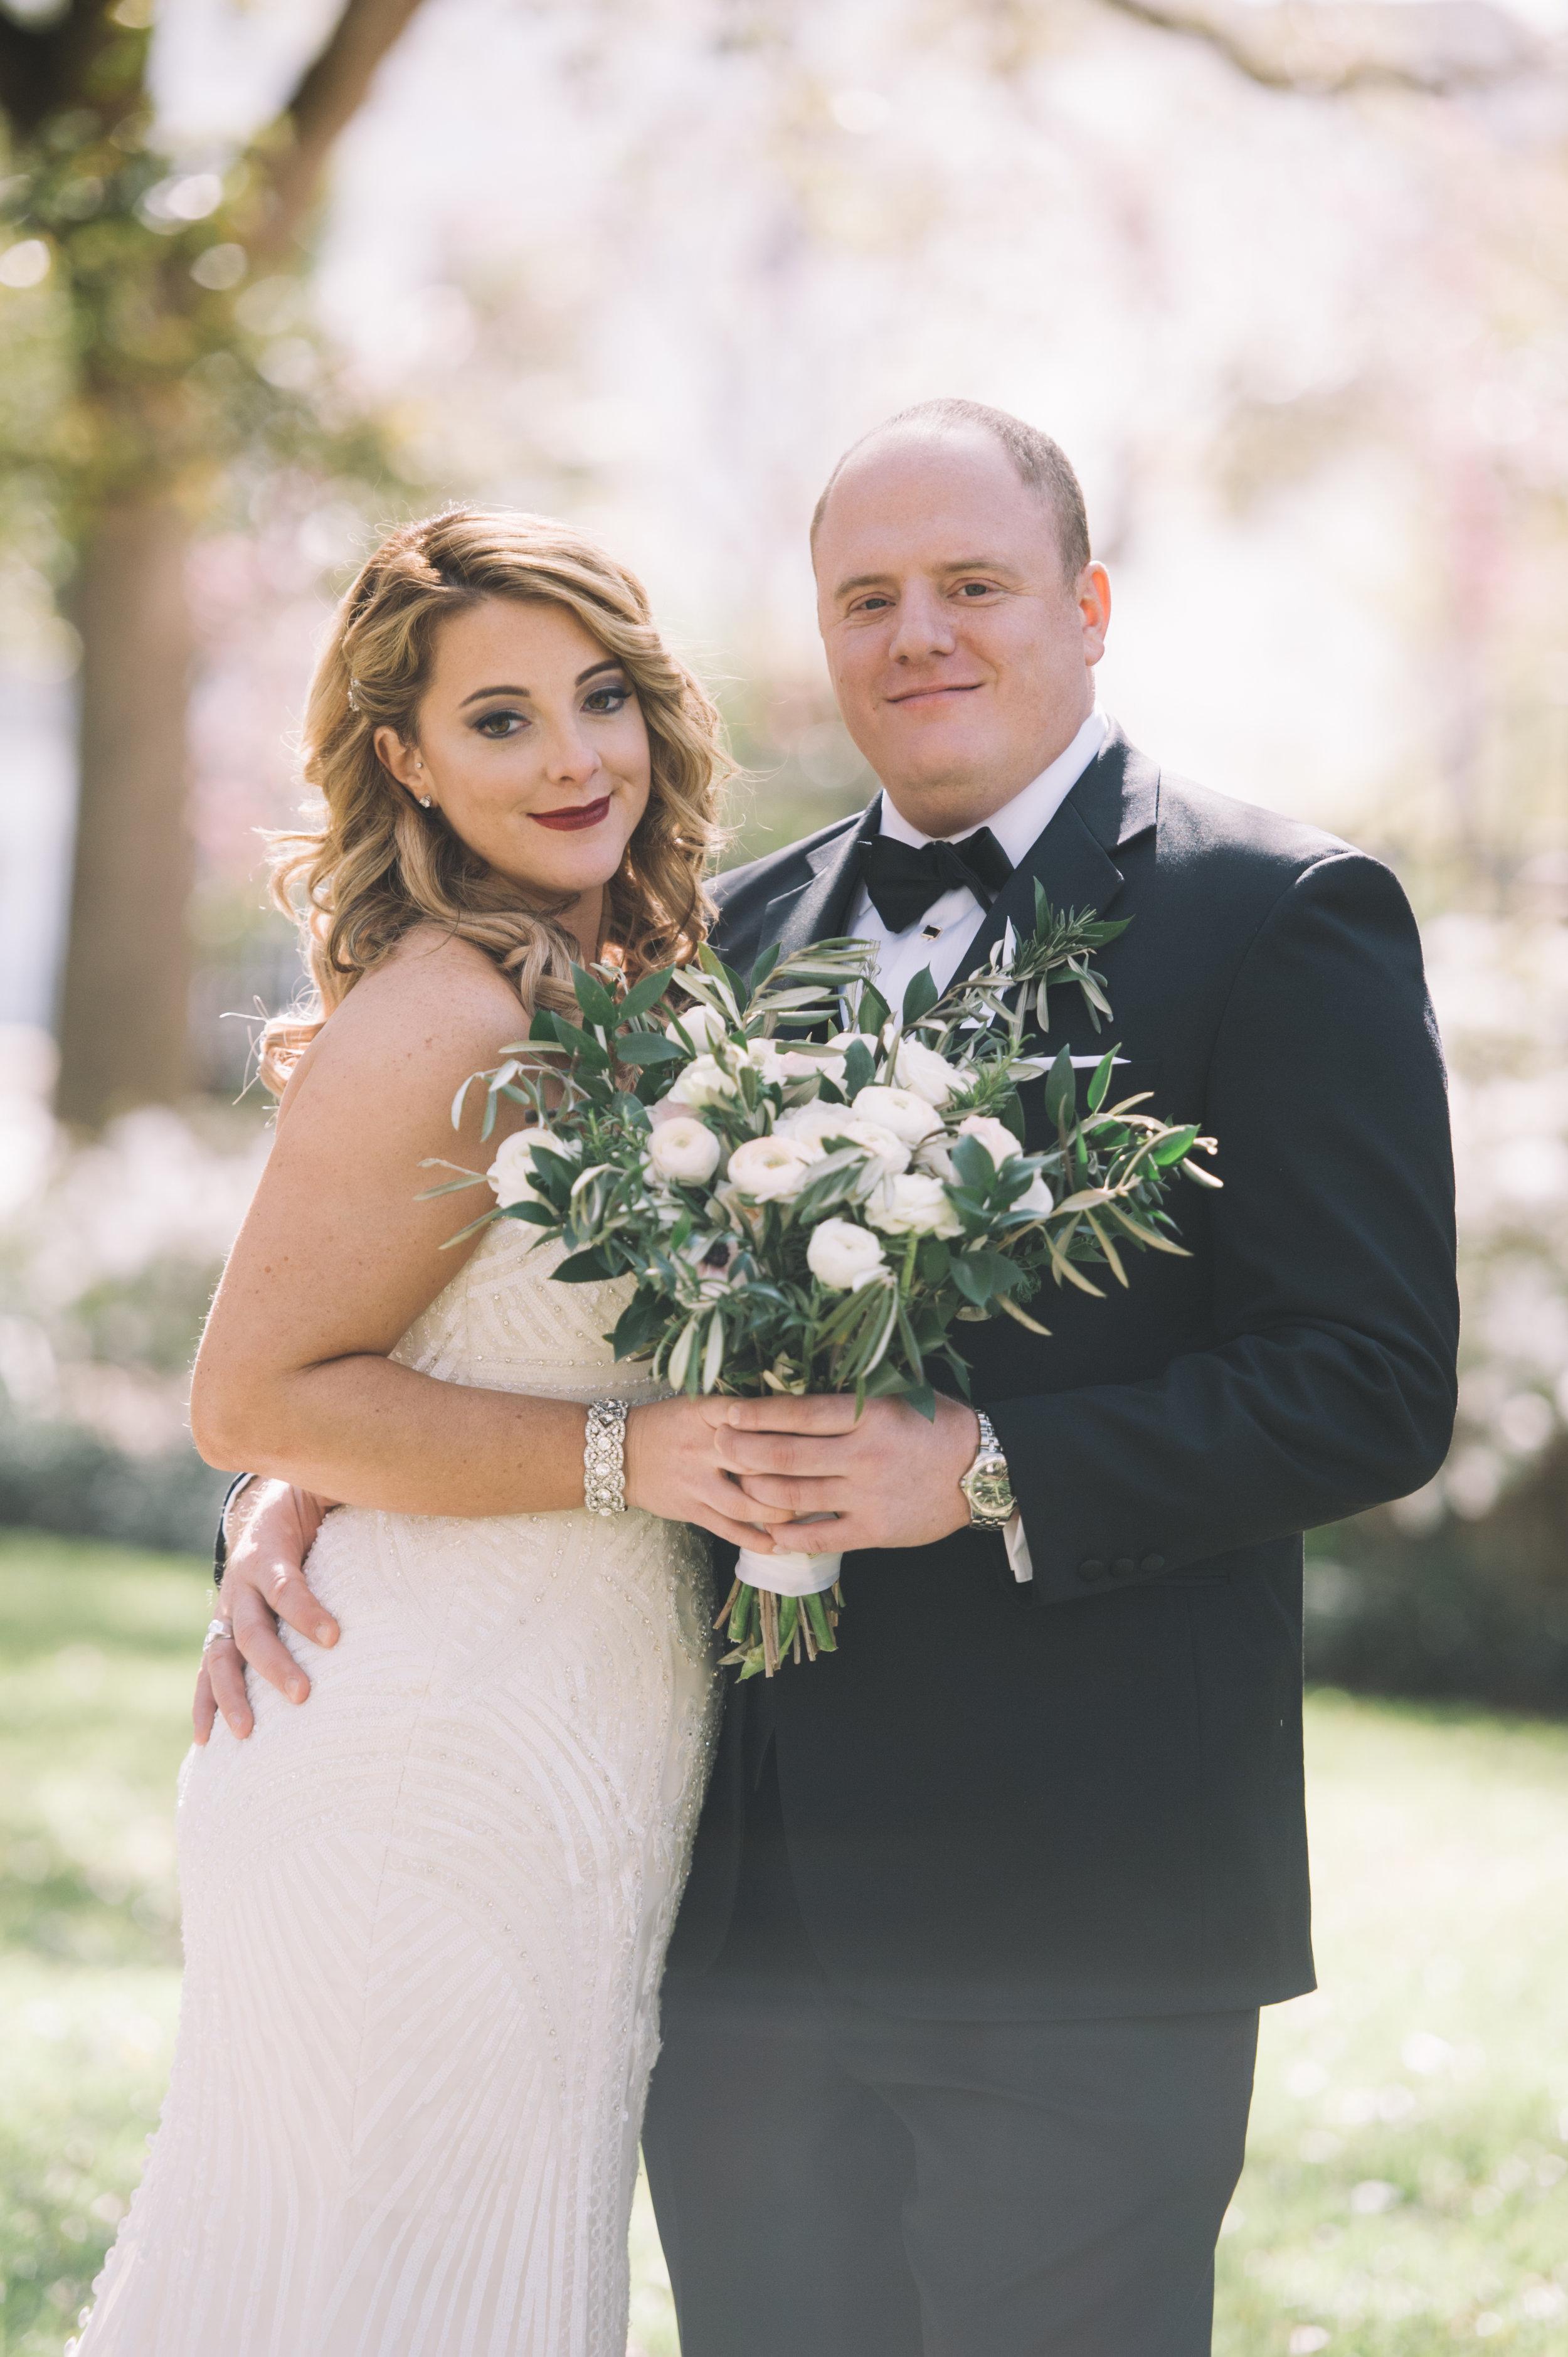 3048_ChelseaAndPaul_Wedding.jpg